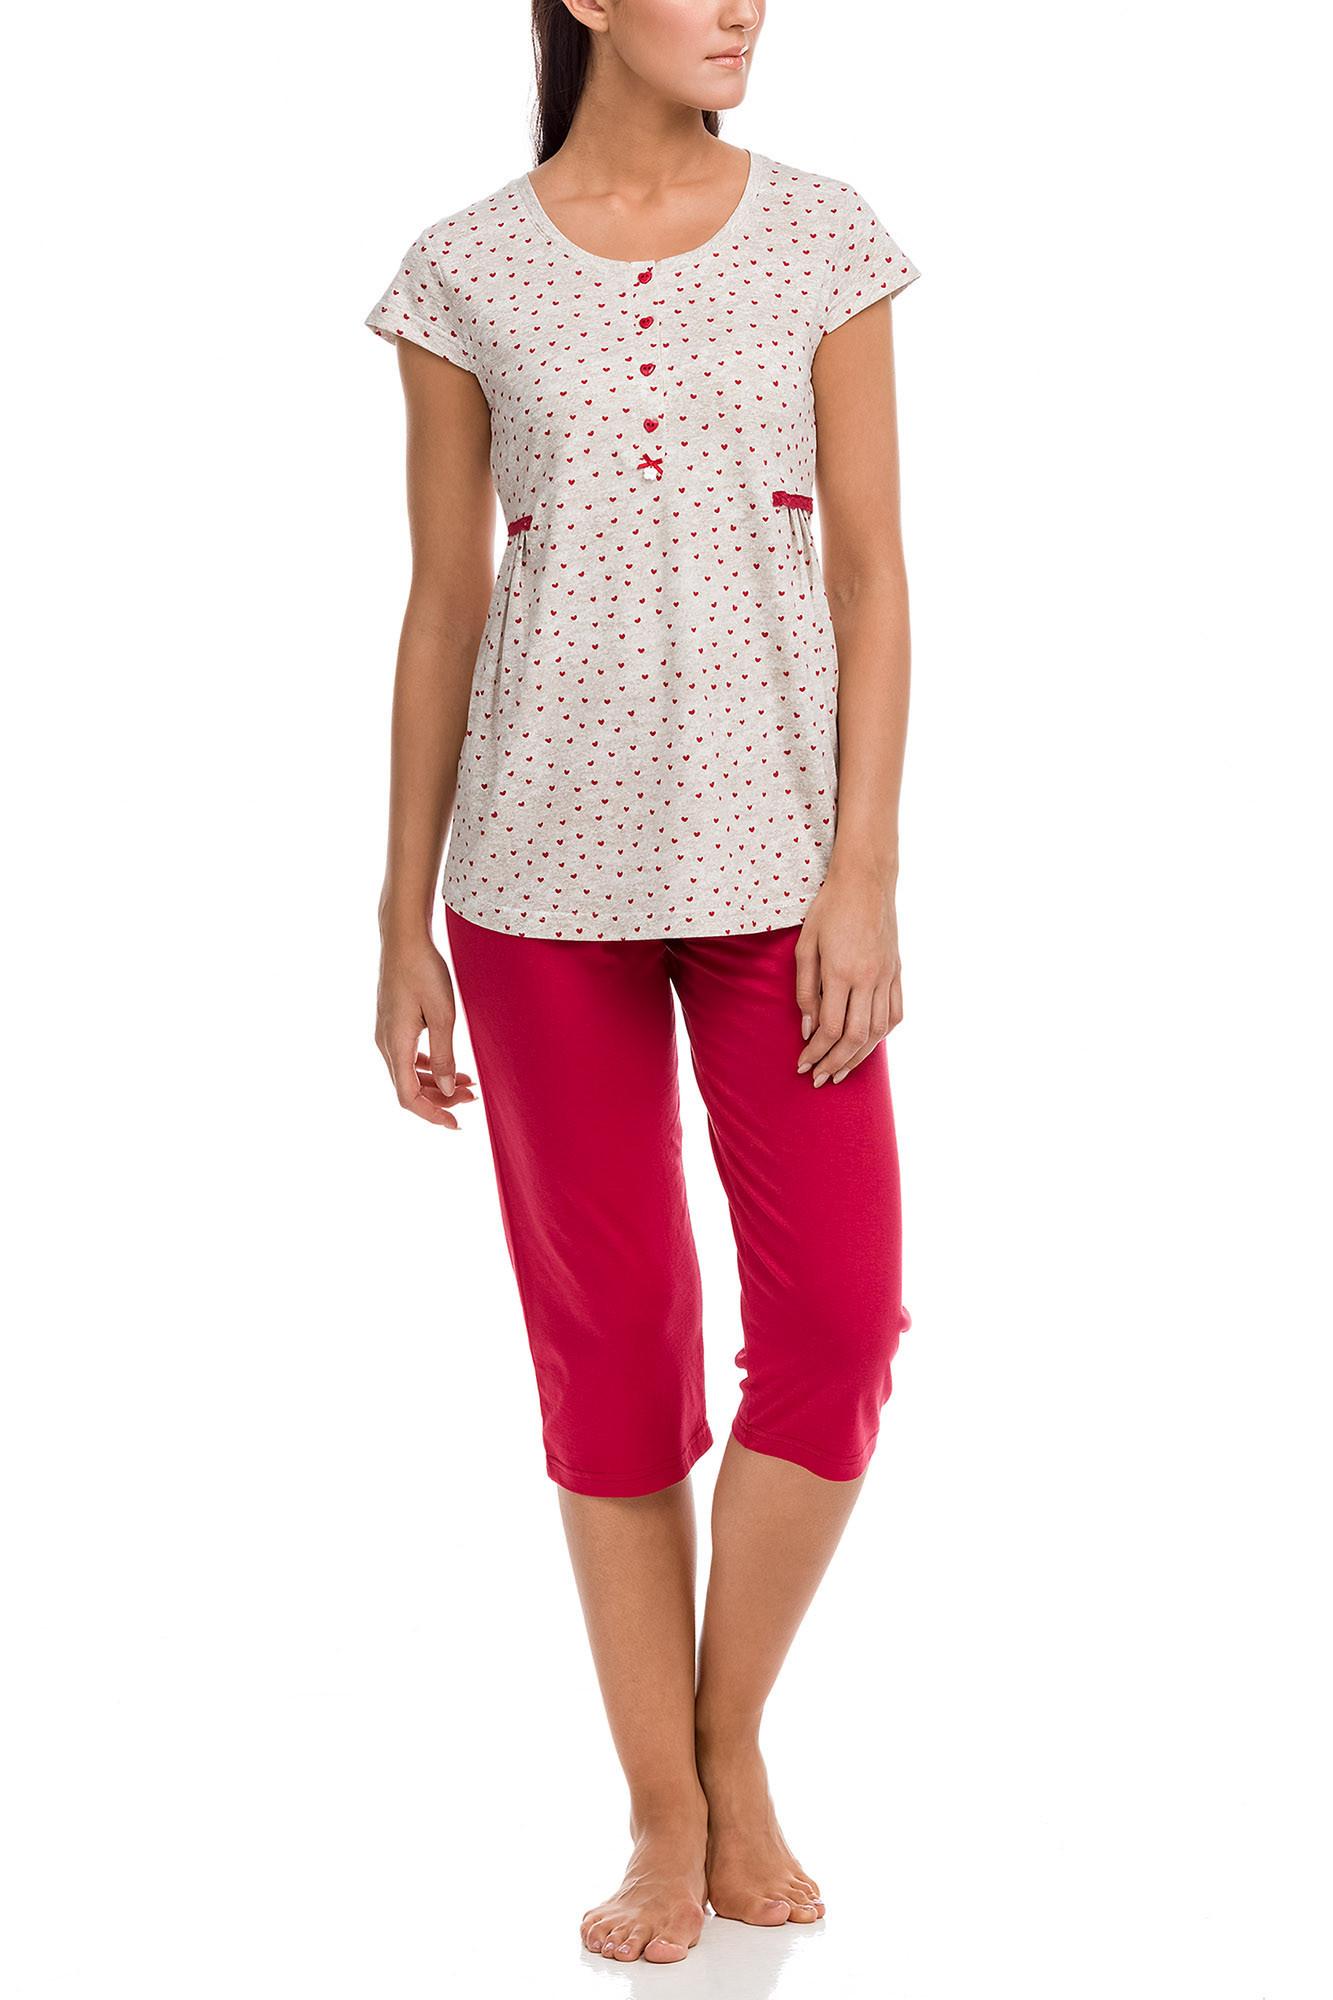 Vamp - Dámske pyžamo 12093 - Vamp beige xl